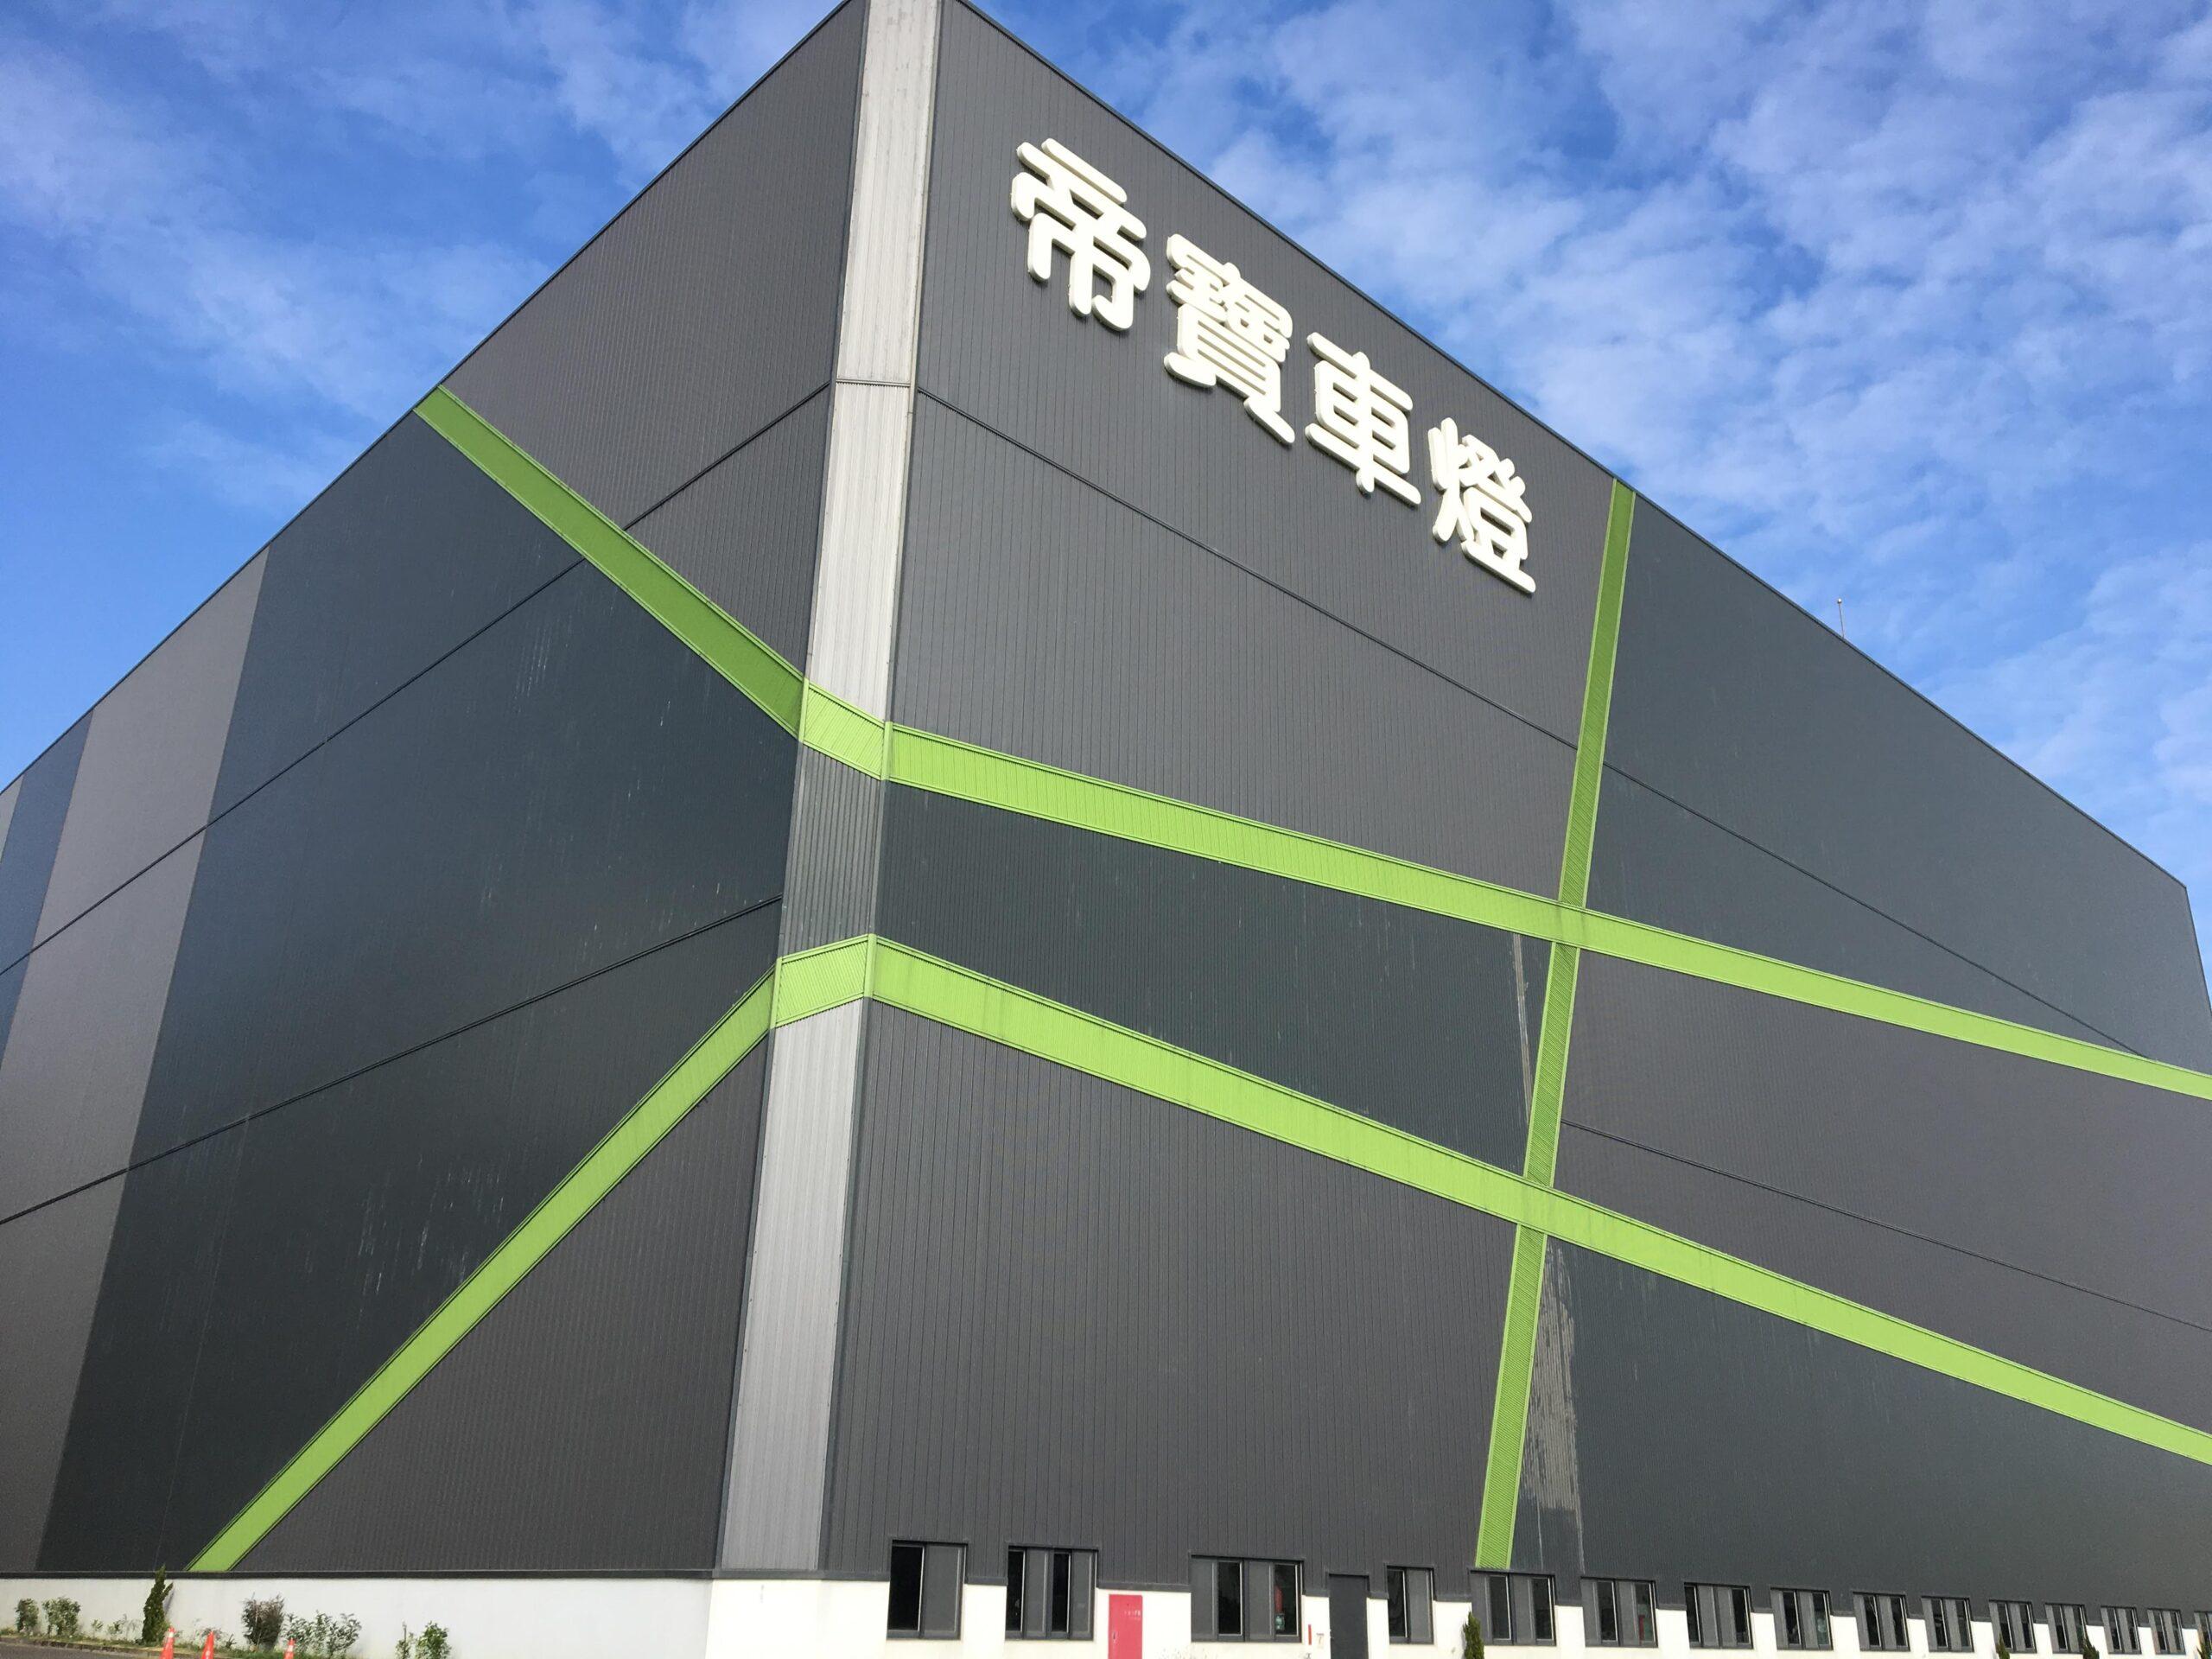 台灣汽車零件產業面臨存亡挑戰  誰來捍衛產業發展與消費者權益?